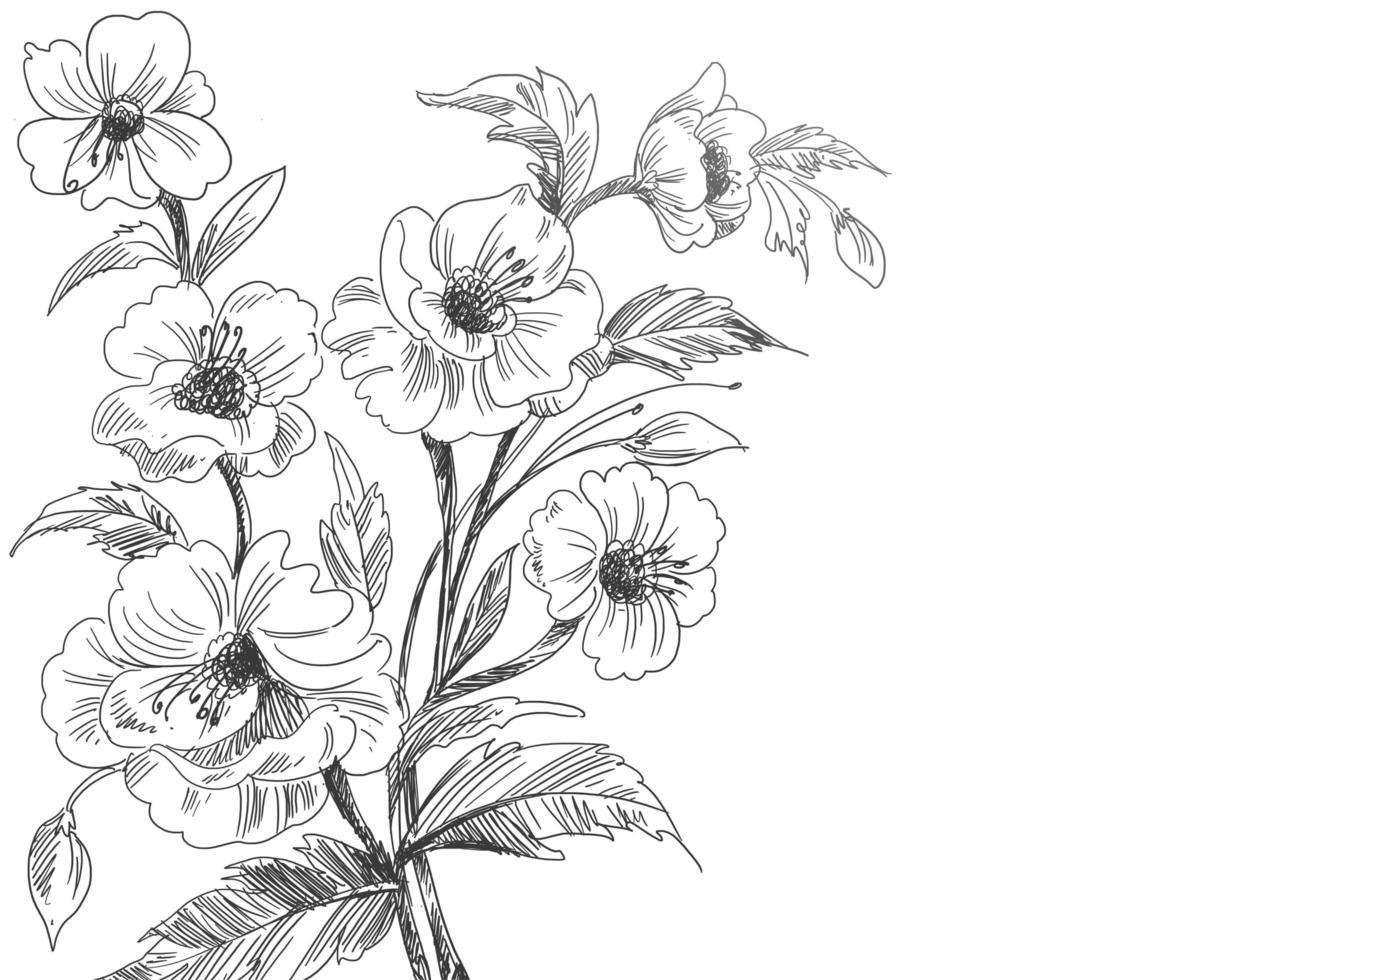 disegno floreale schizzo decorativo artistico vettore